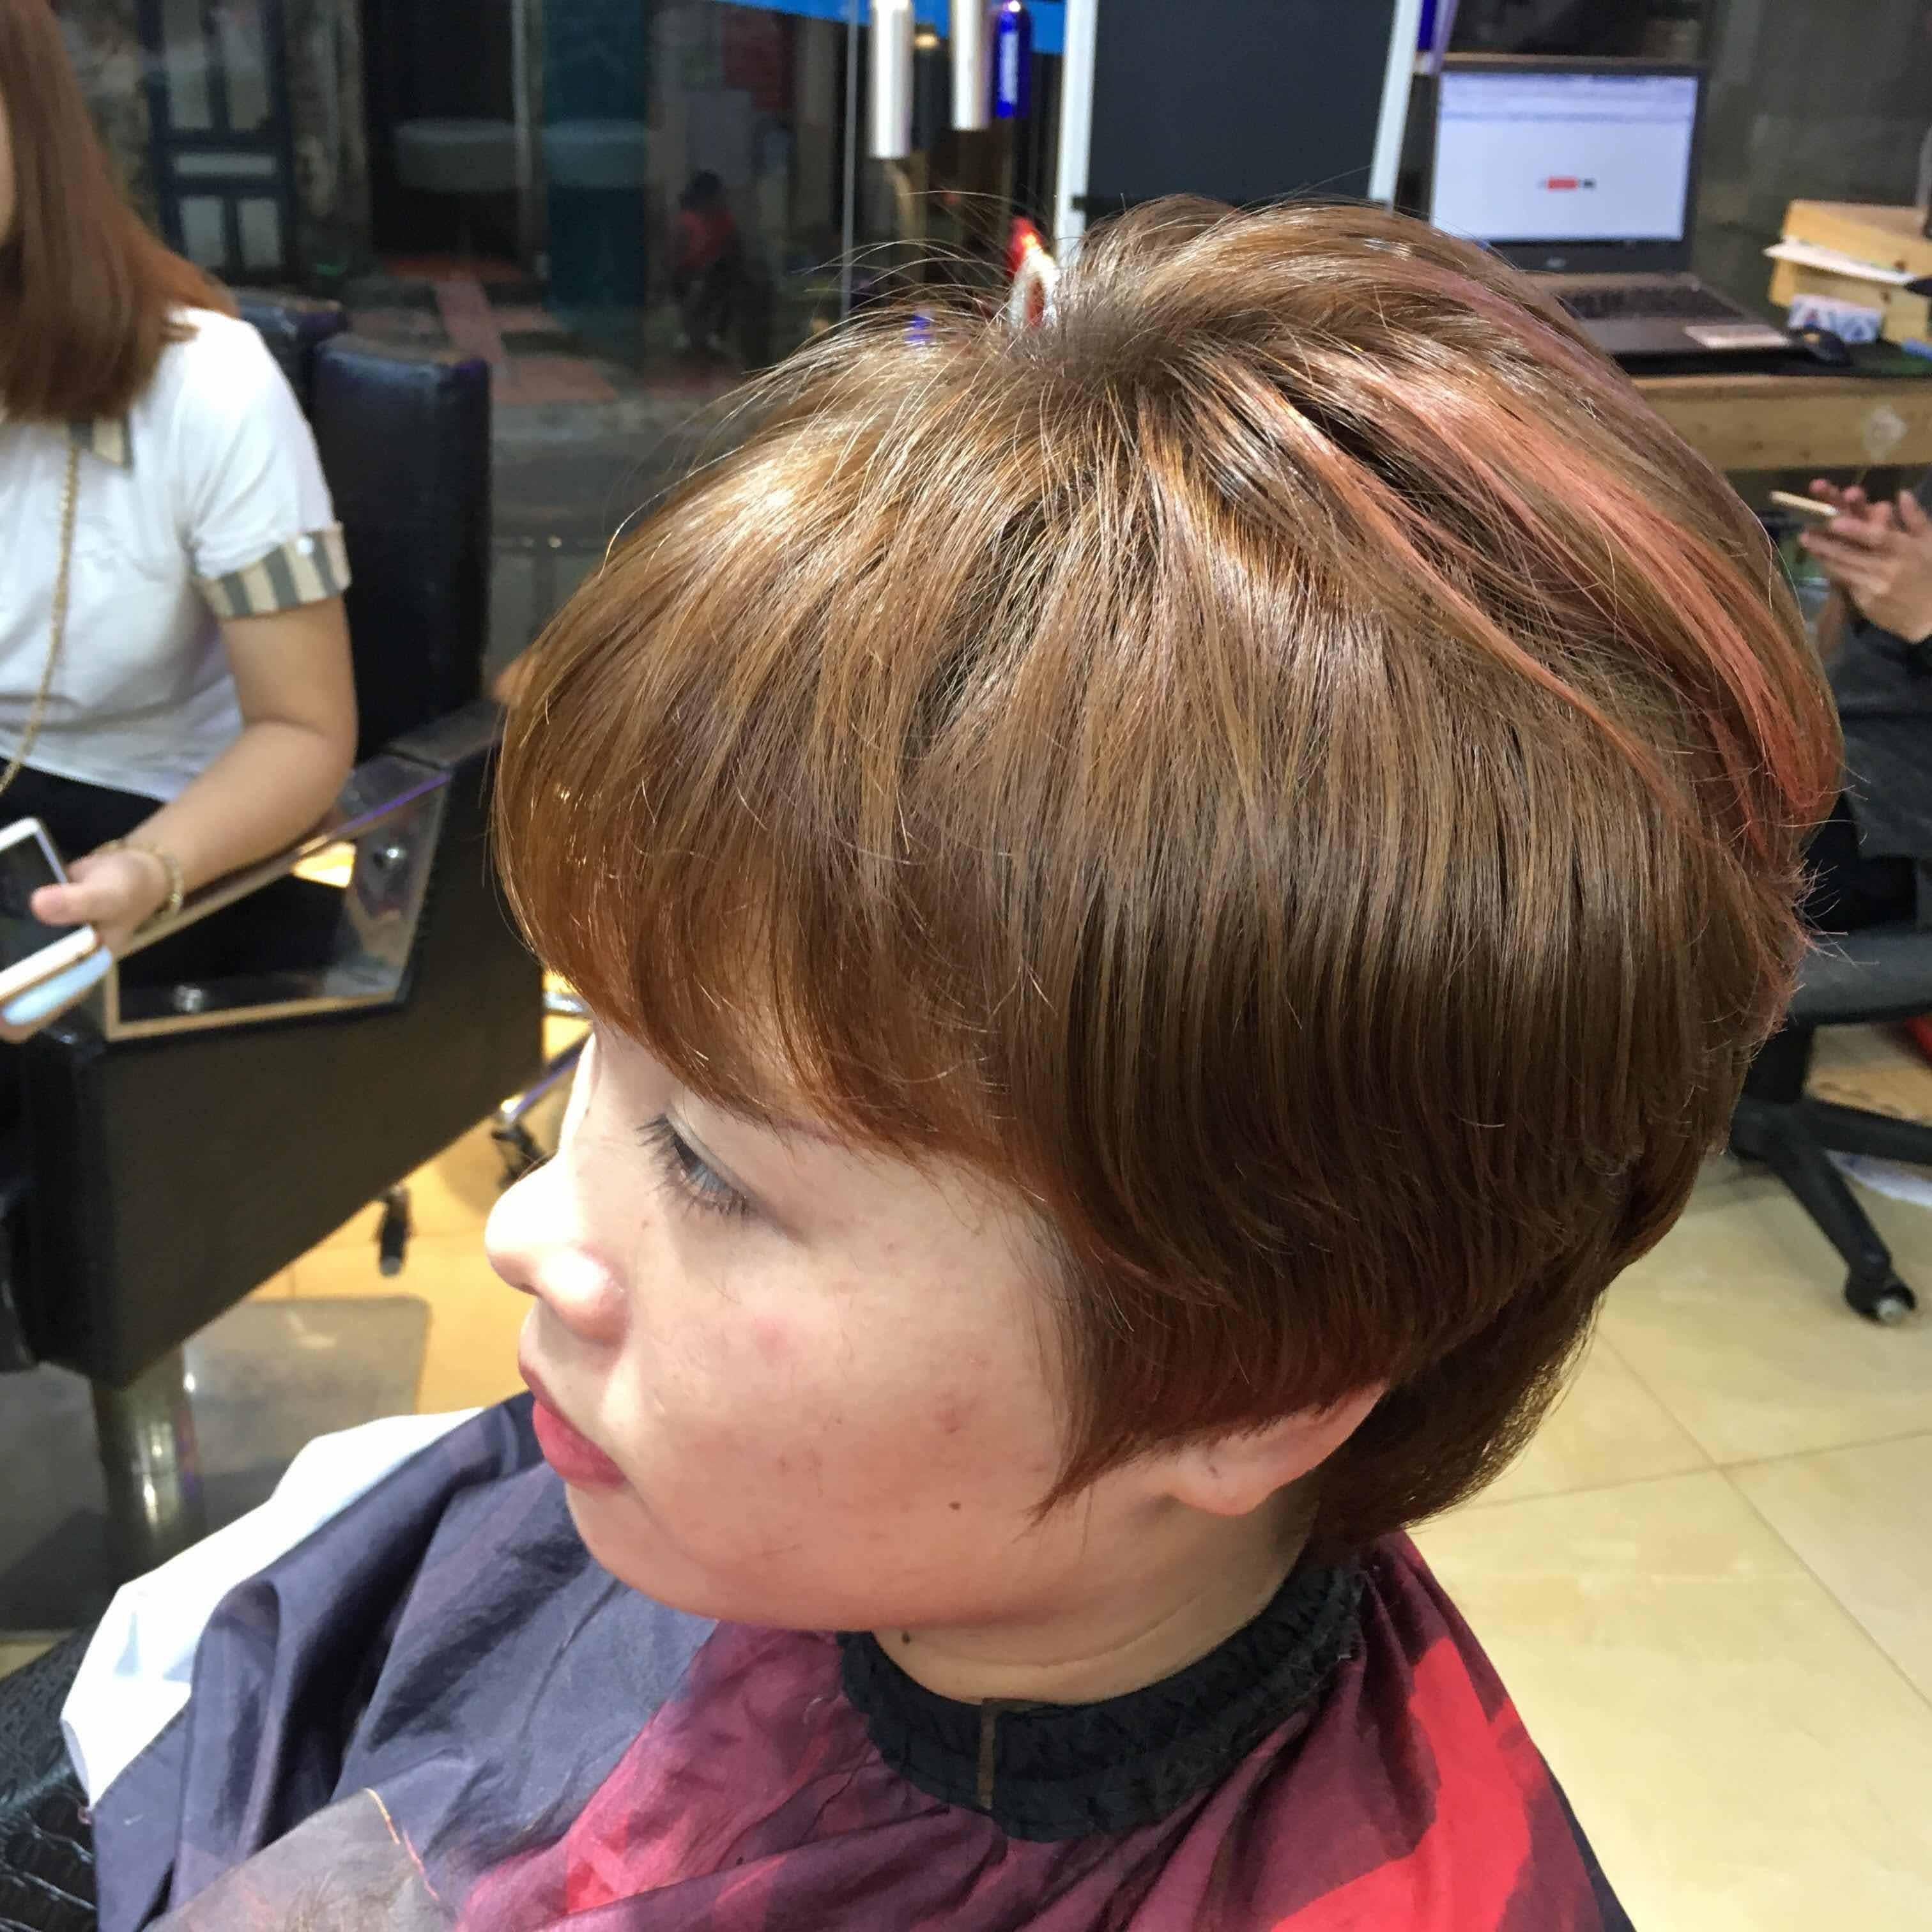 Cắt tóc đẹp giống con trai đánh cắp trái tim bao cô gái